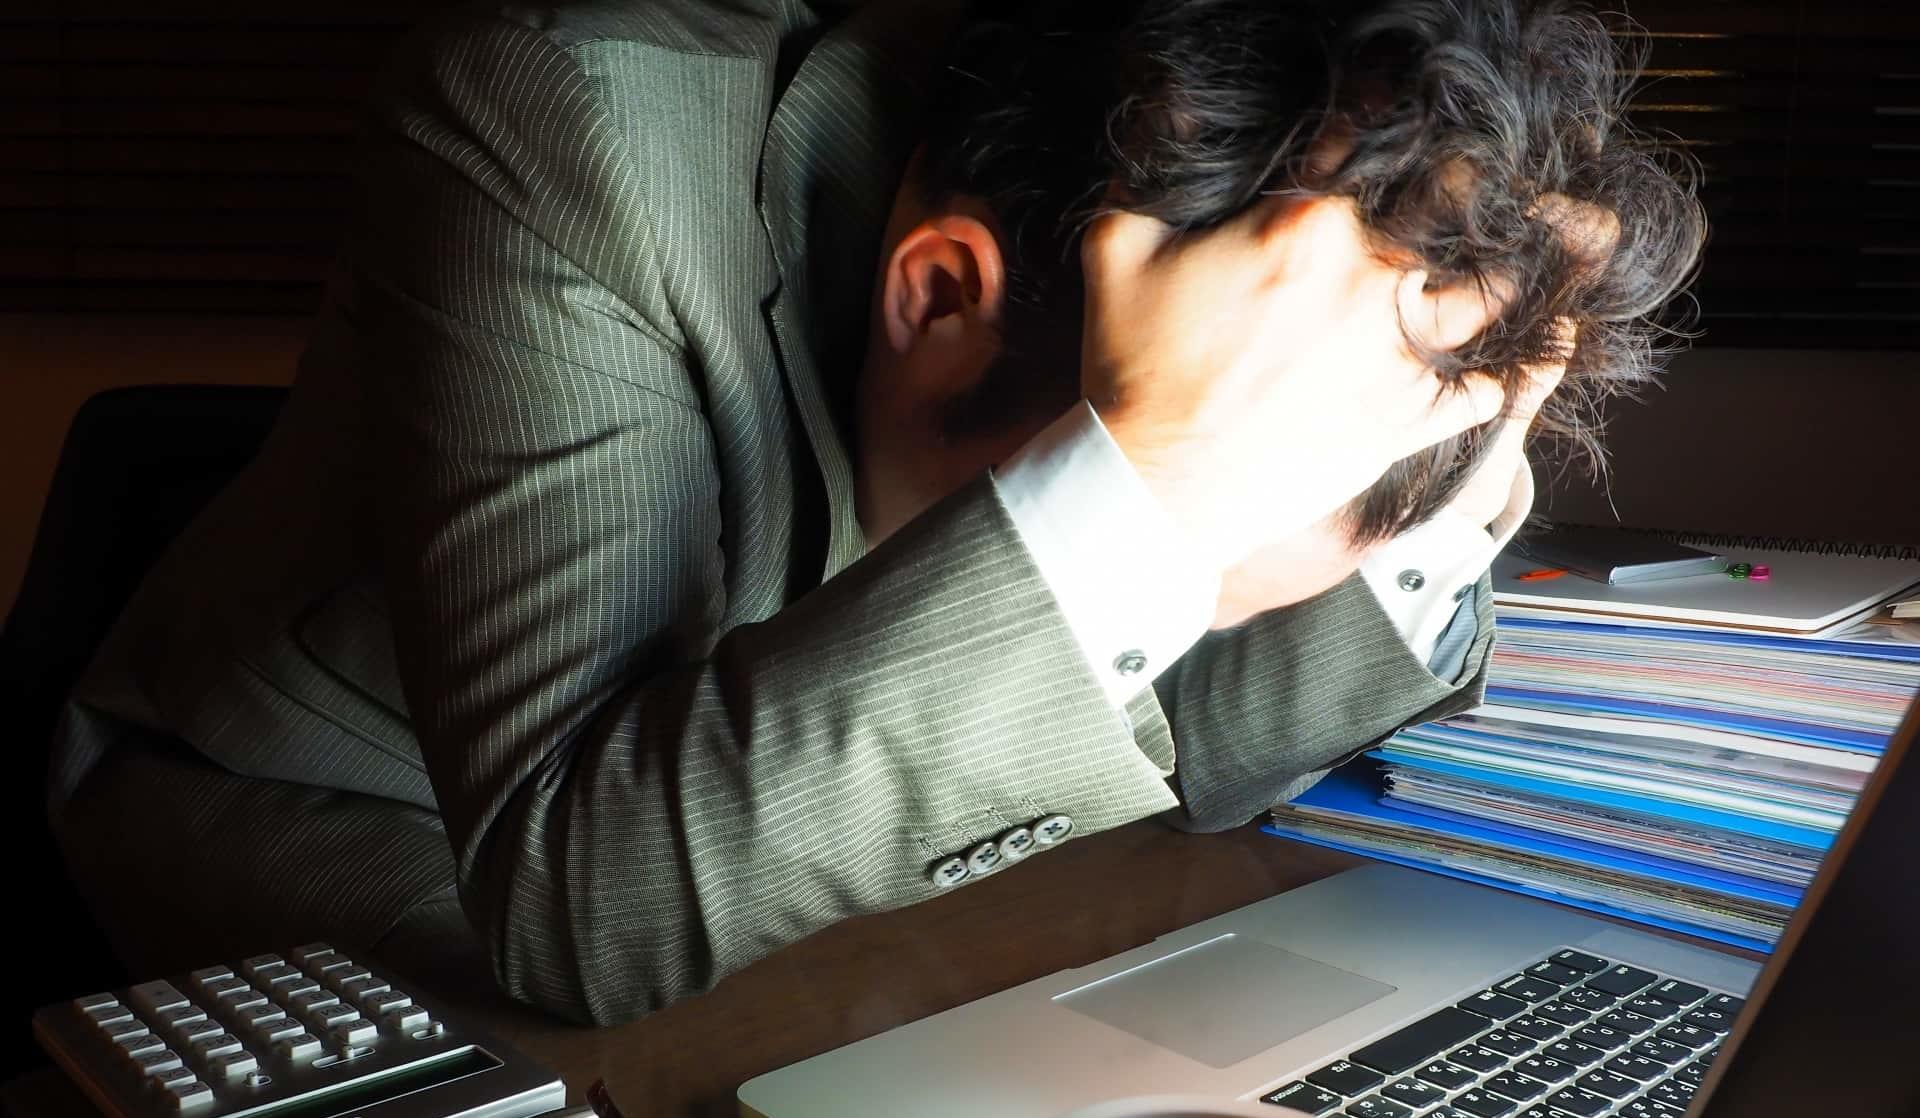 残業時間の上限や36協定・規制について解説~残業で転職する前にするべきこととは~